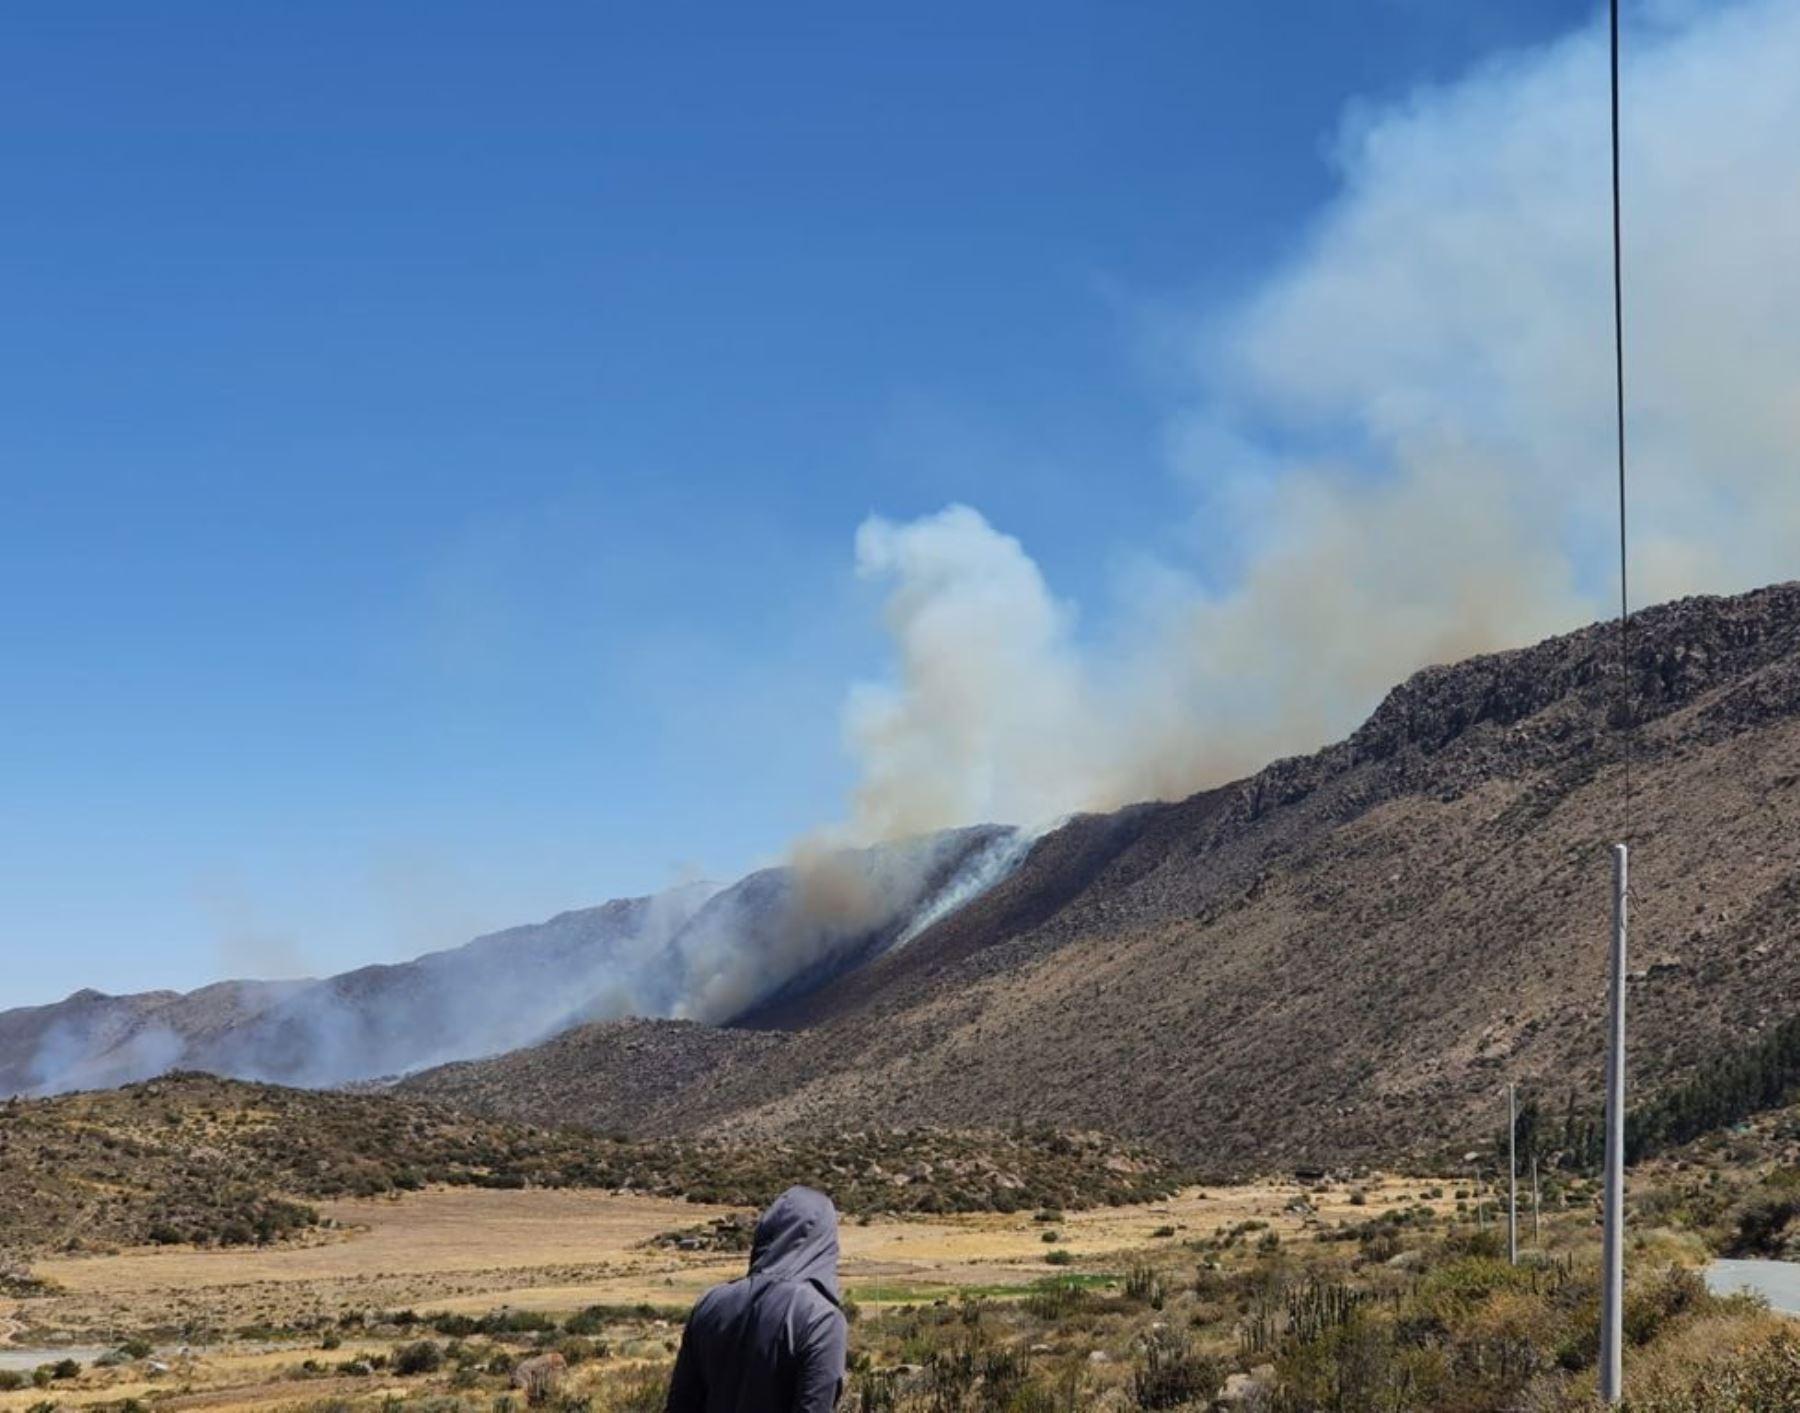 Arequipa: en solo una semana tres incendios forestales arrasaron con 180 ha de pastizales